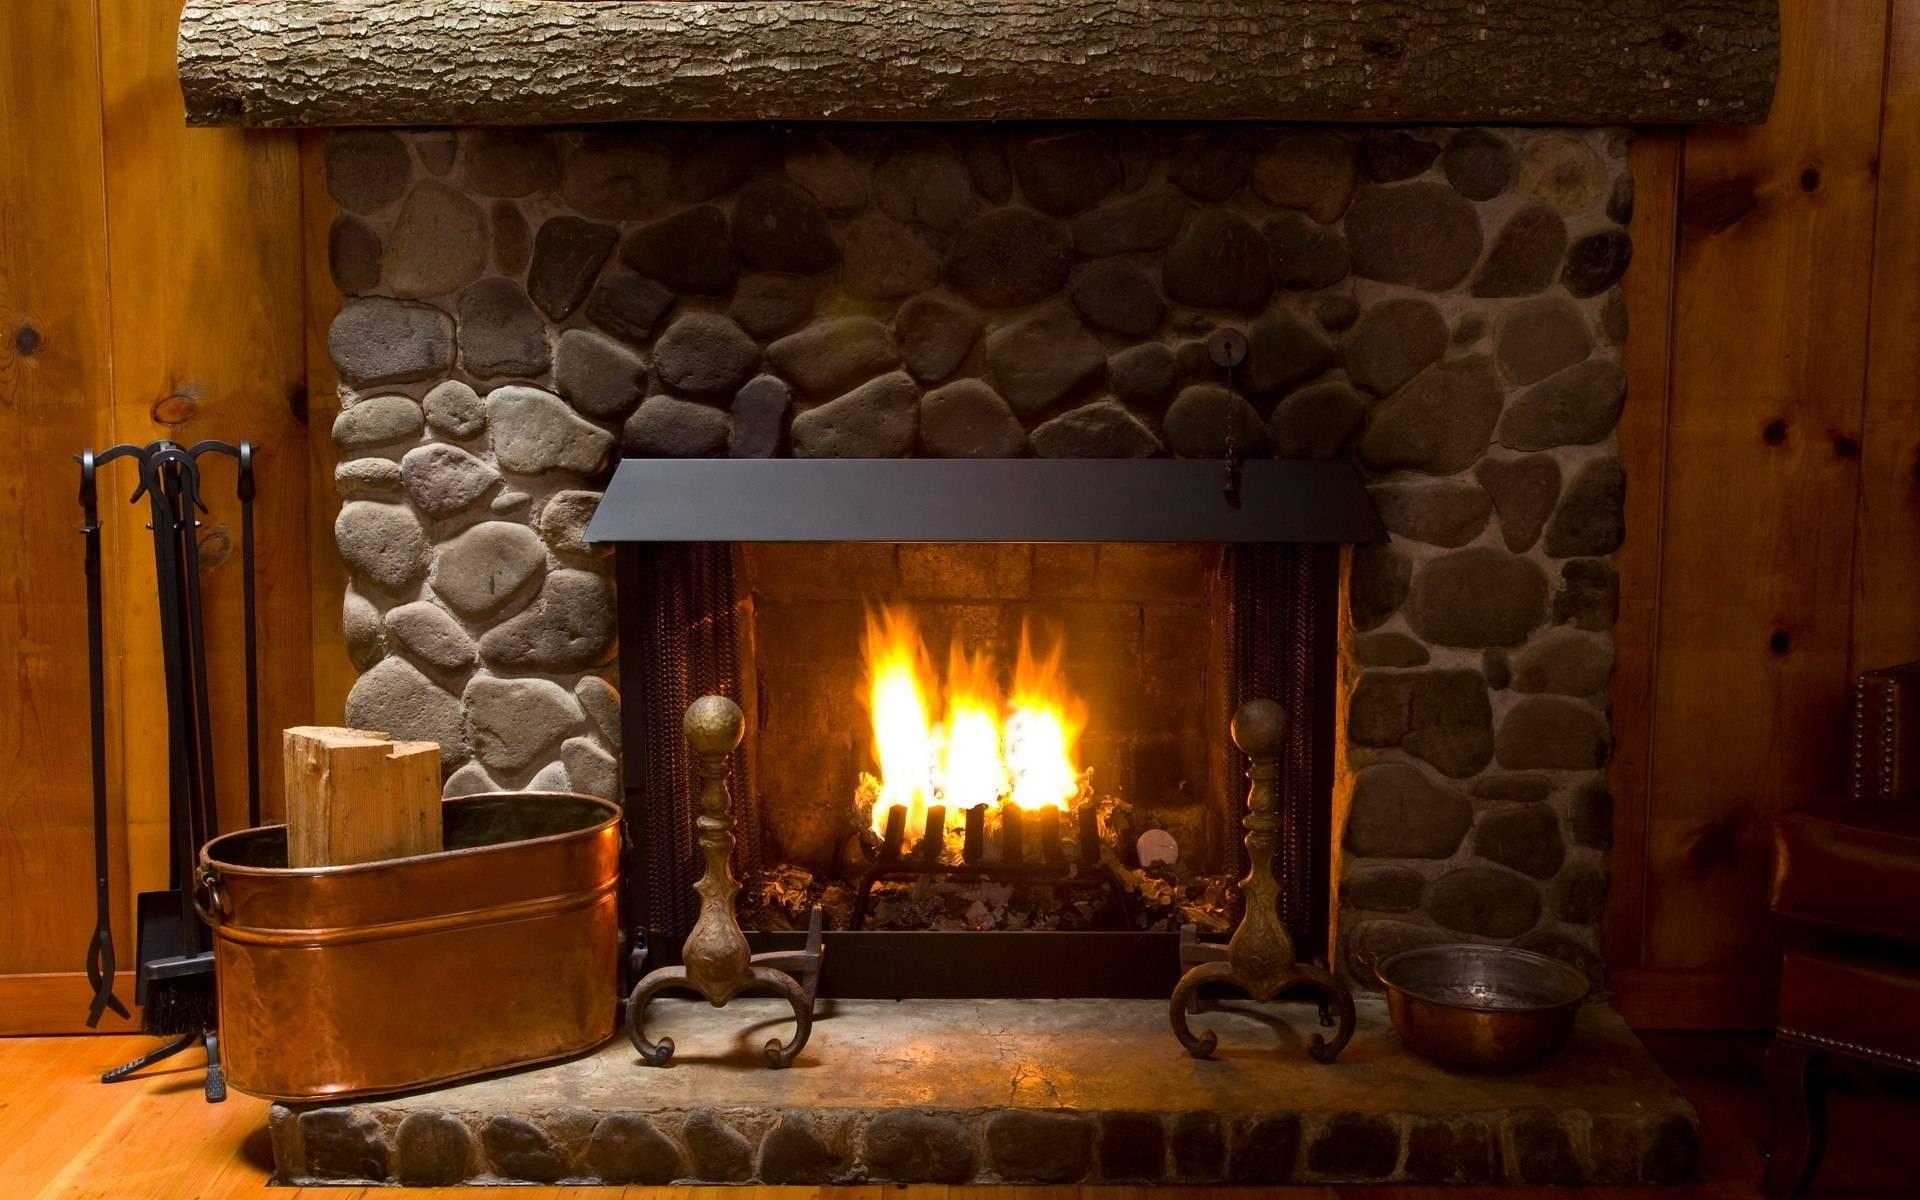 12 советов как сохранить тепло в доме или квартире - все о строительстве и инструментах